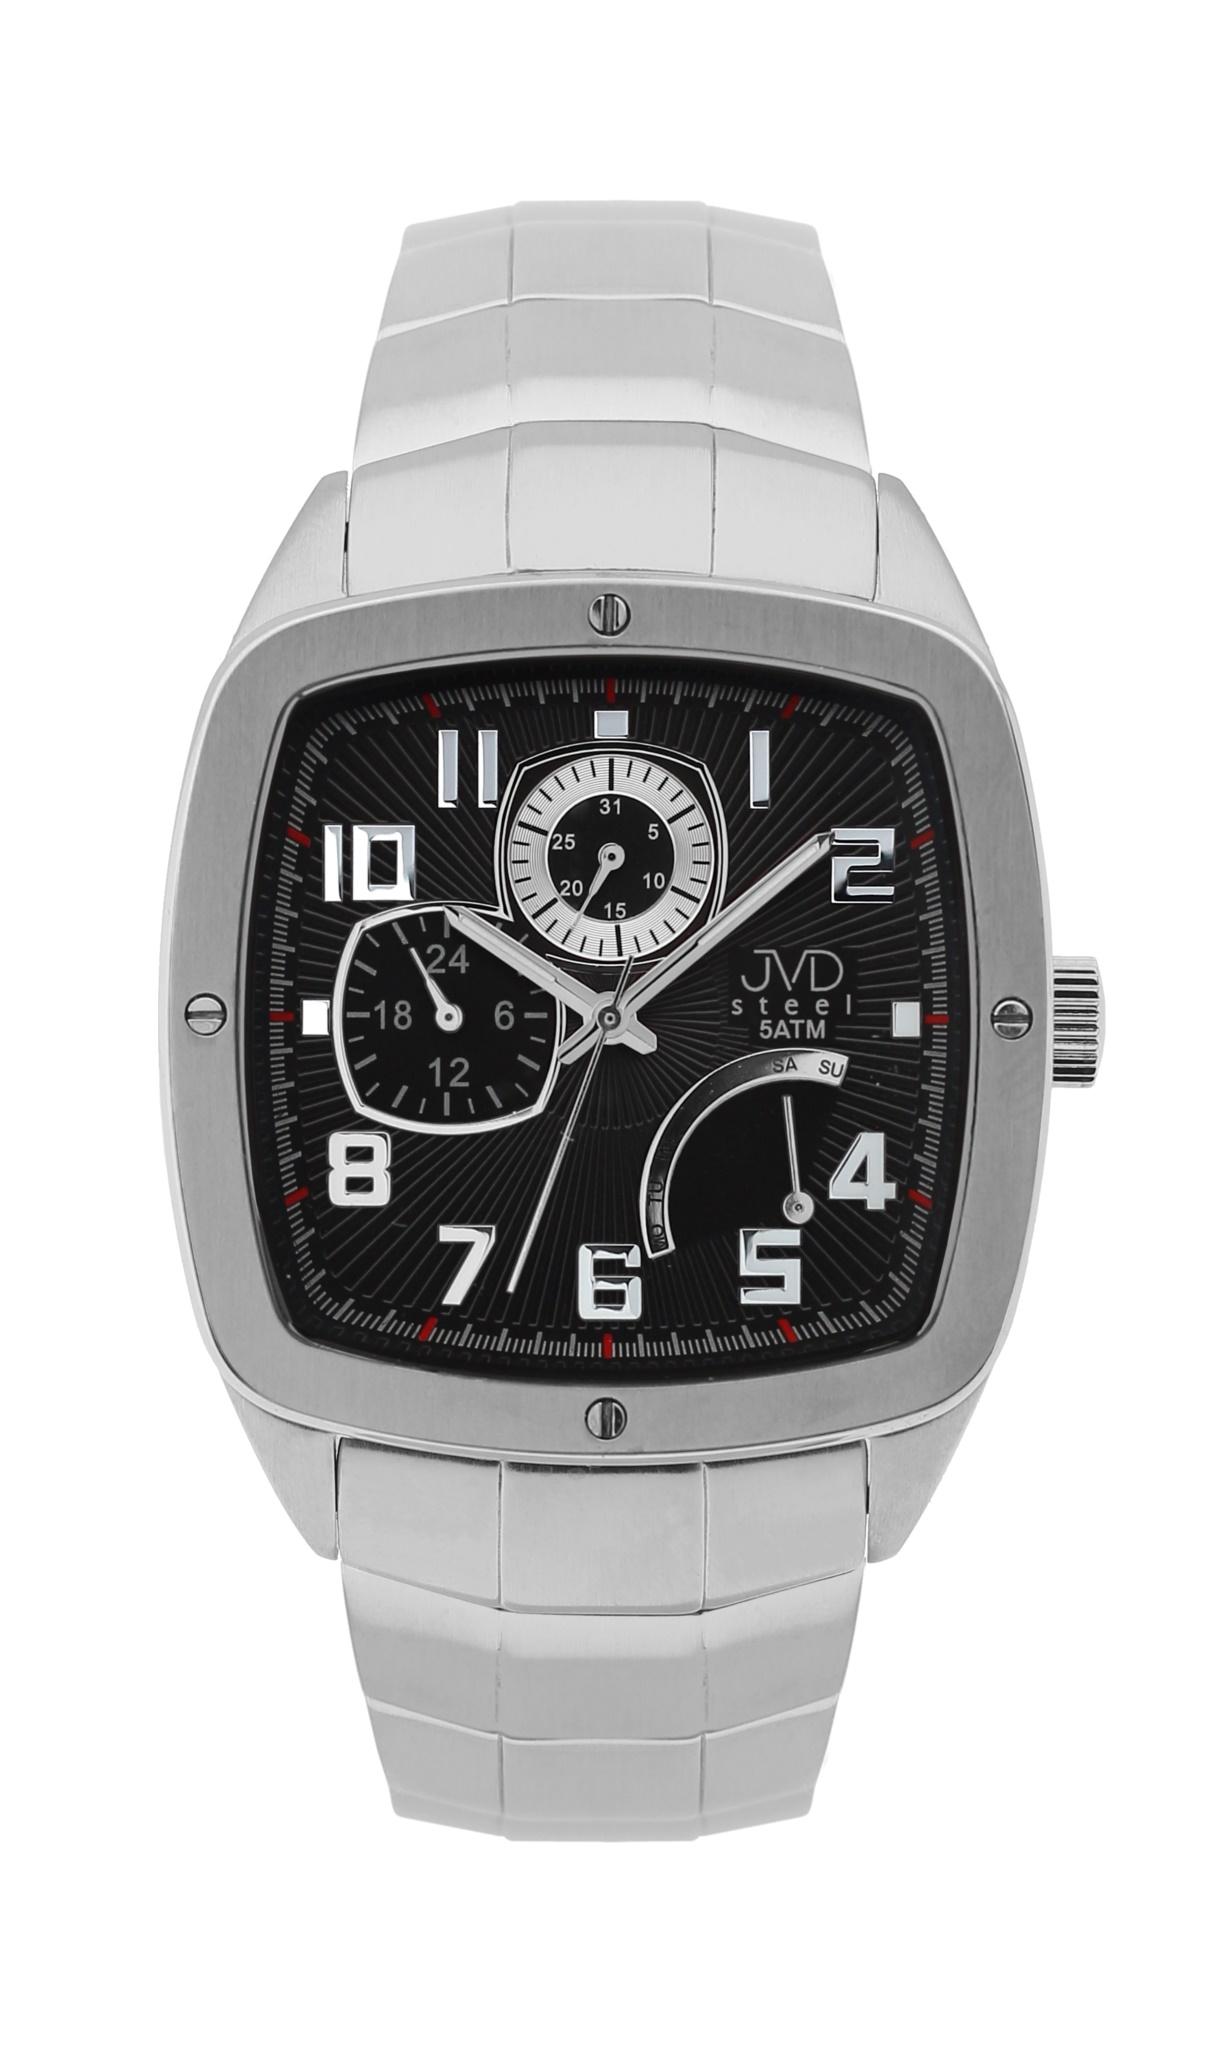 Pánské vodoodolené hranaté exkluzivní náramkové hodinky J1021.3 - 5ATM (POŠTOVNÉ ZDARMA!!)